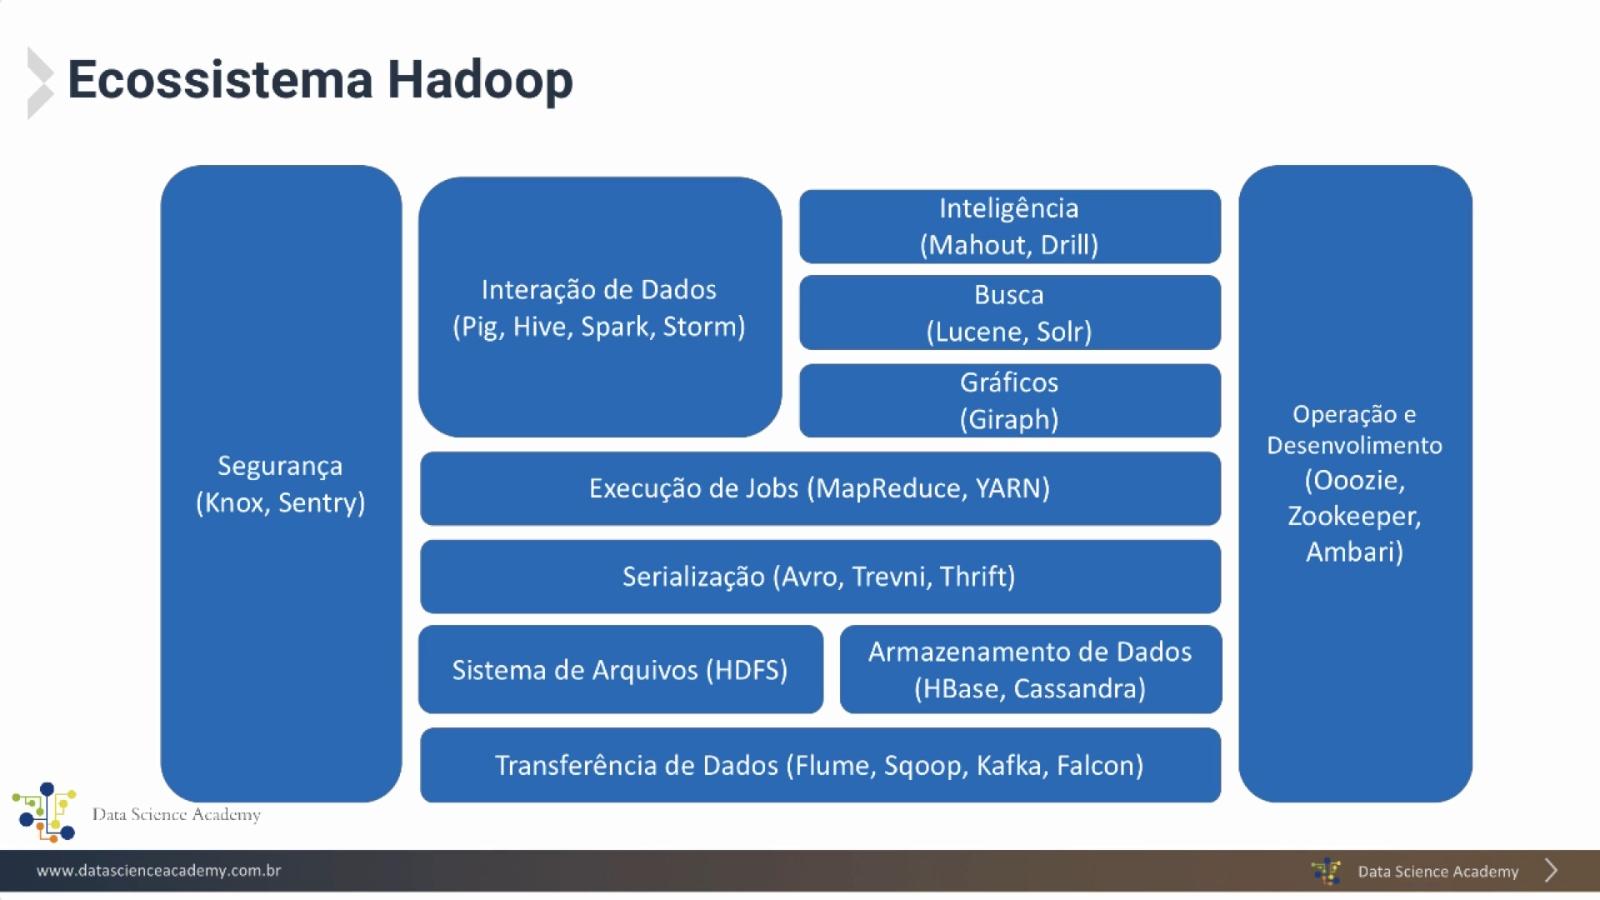 Ecosistema Hadoop